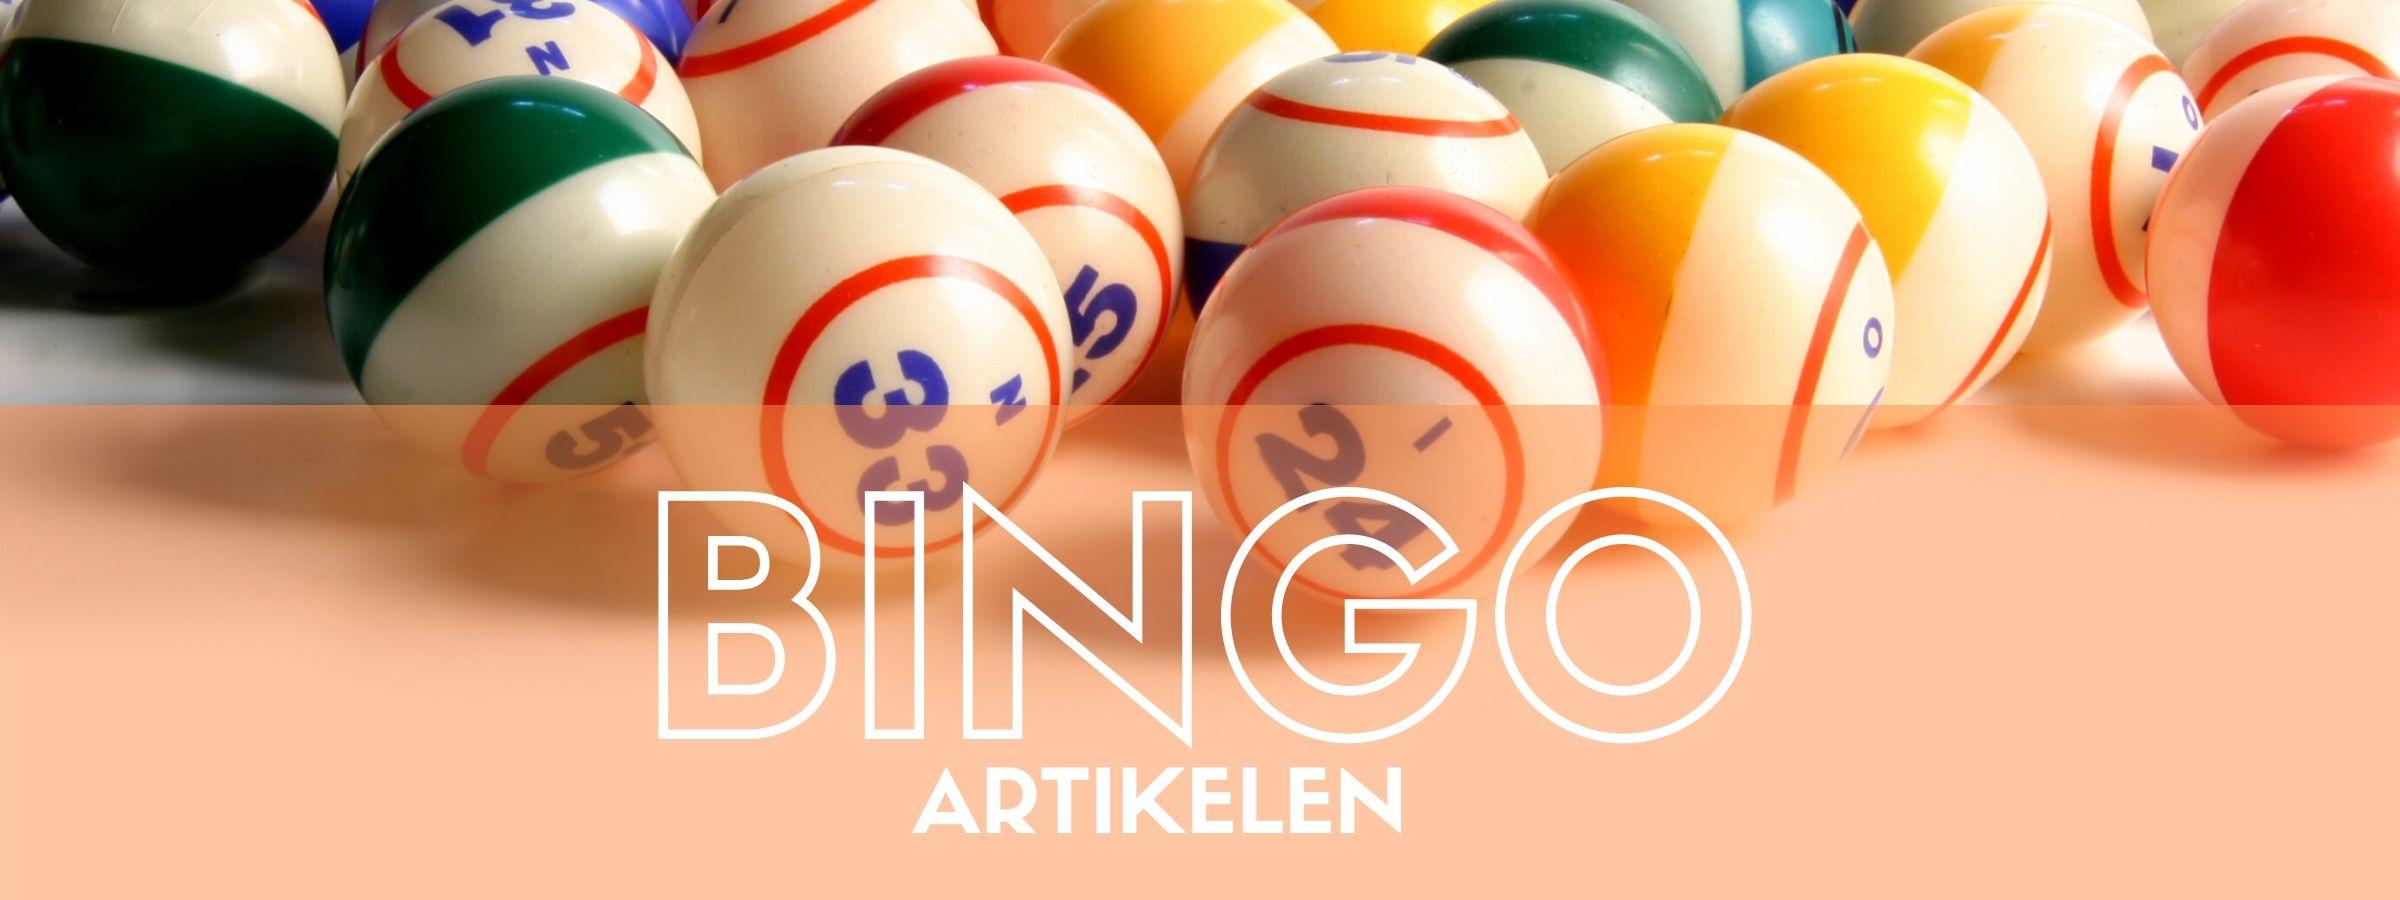 Bingo artikelen bestellen bij JB Feestartikelen